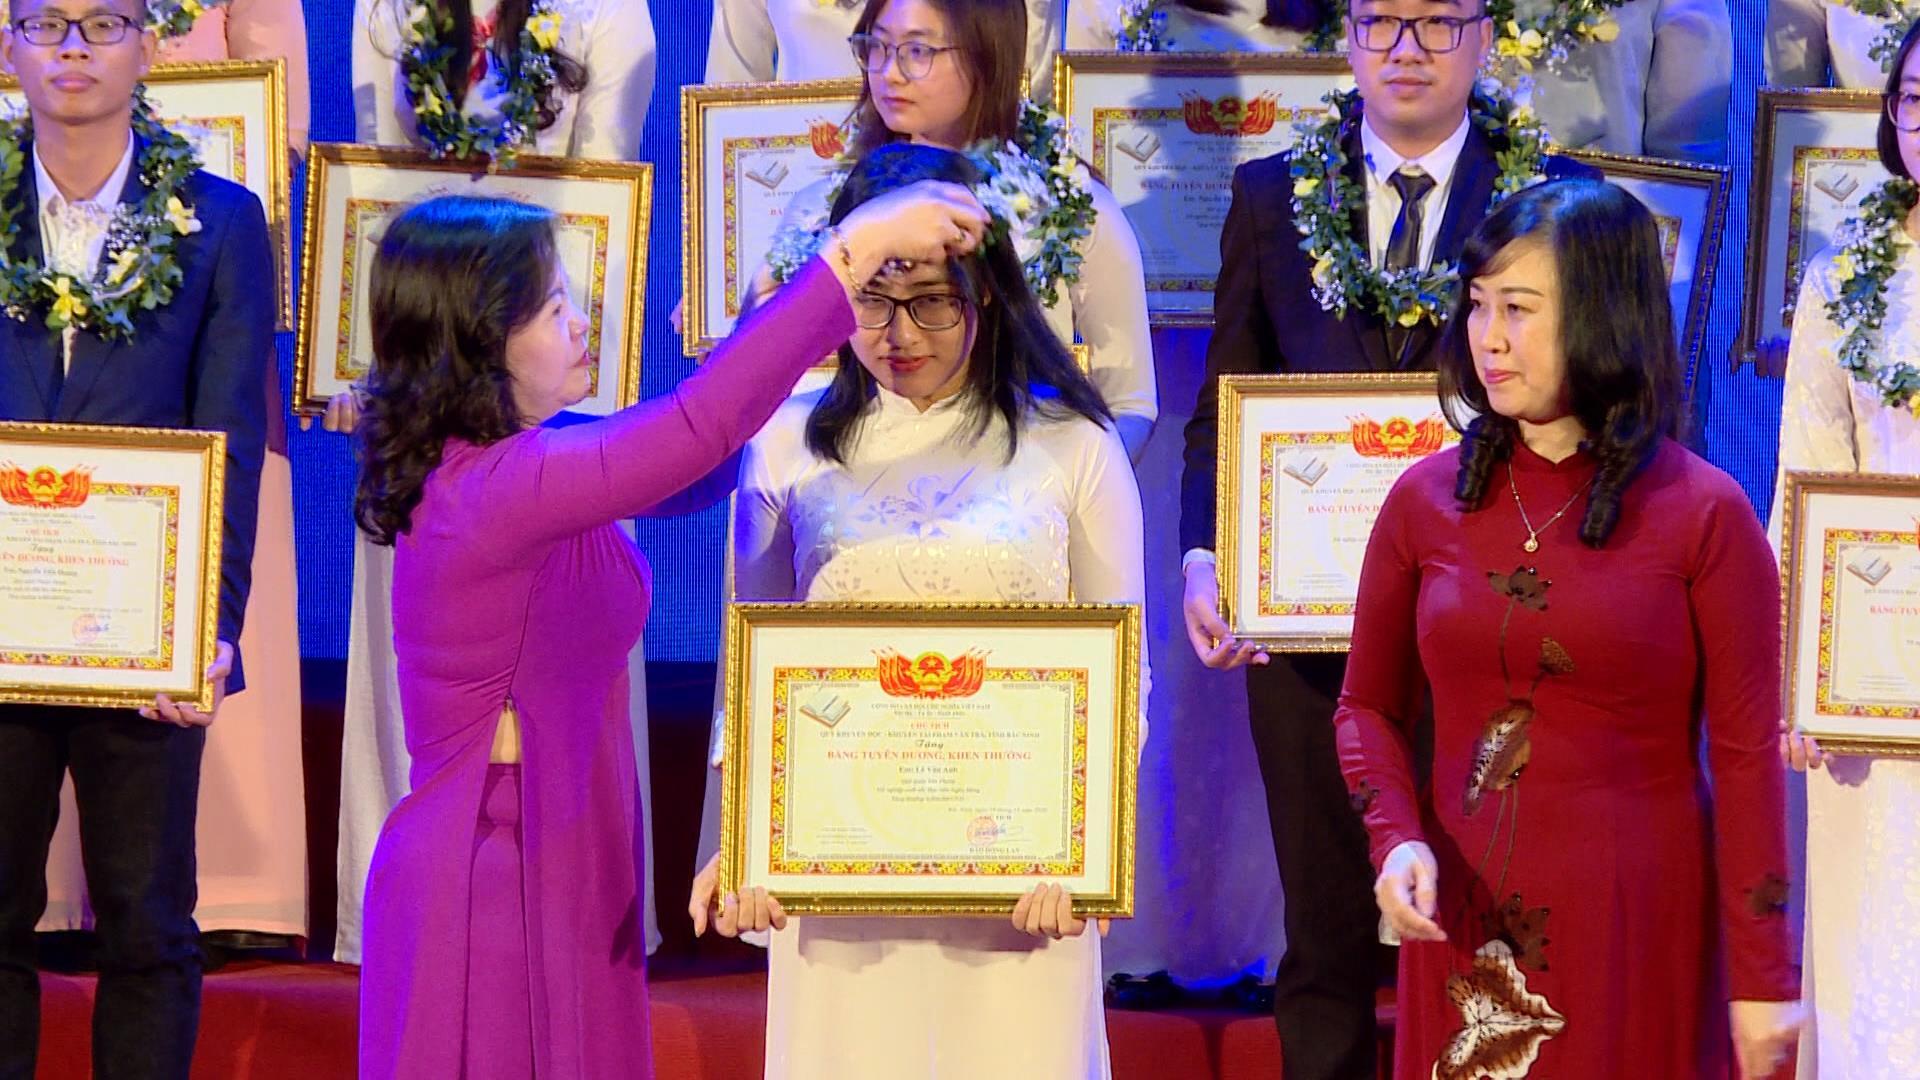 Quỹ khuyến học, khuyến tài Phạm Văn Trà, trao thưởng gần 2,2 tỷ đồng